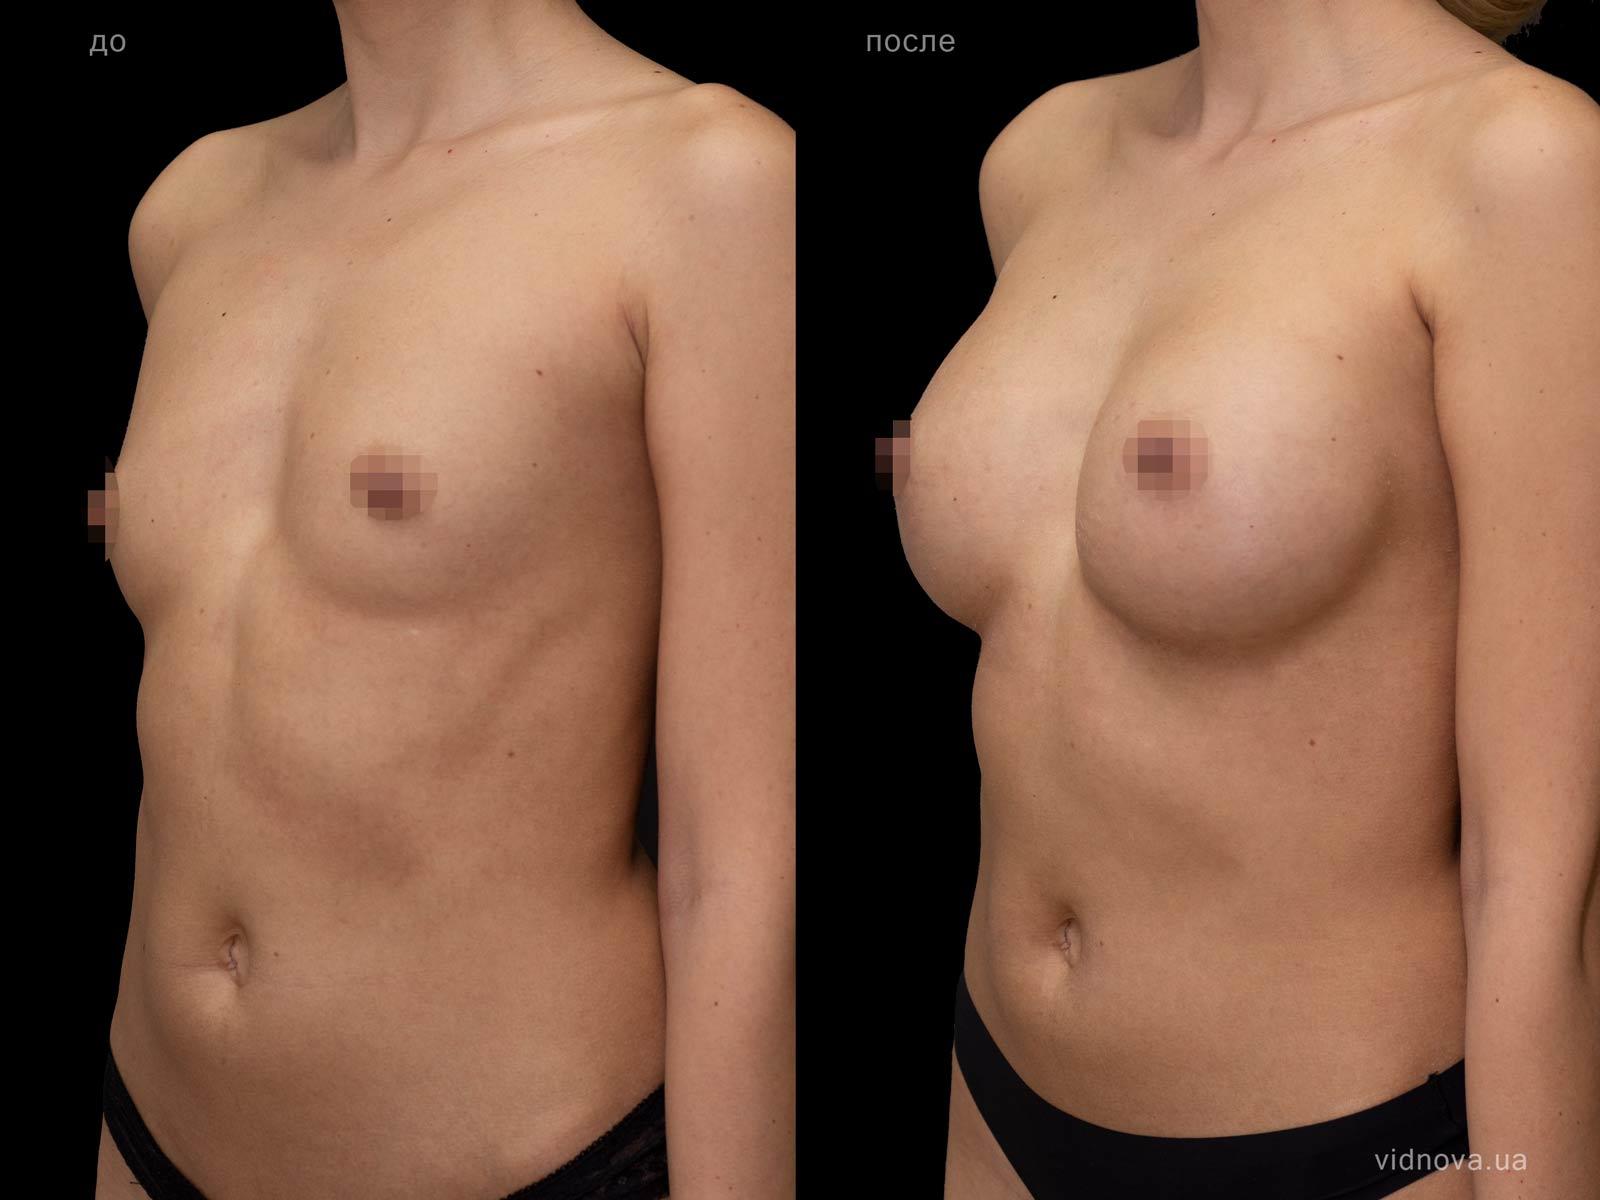 Пластика груди: результаты до и после - Пример №91-1 - Светлана Работенко